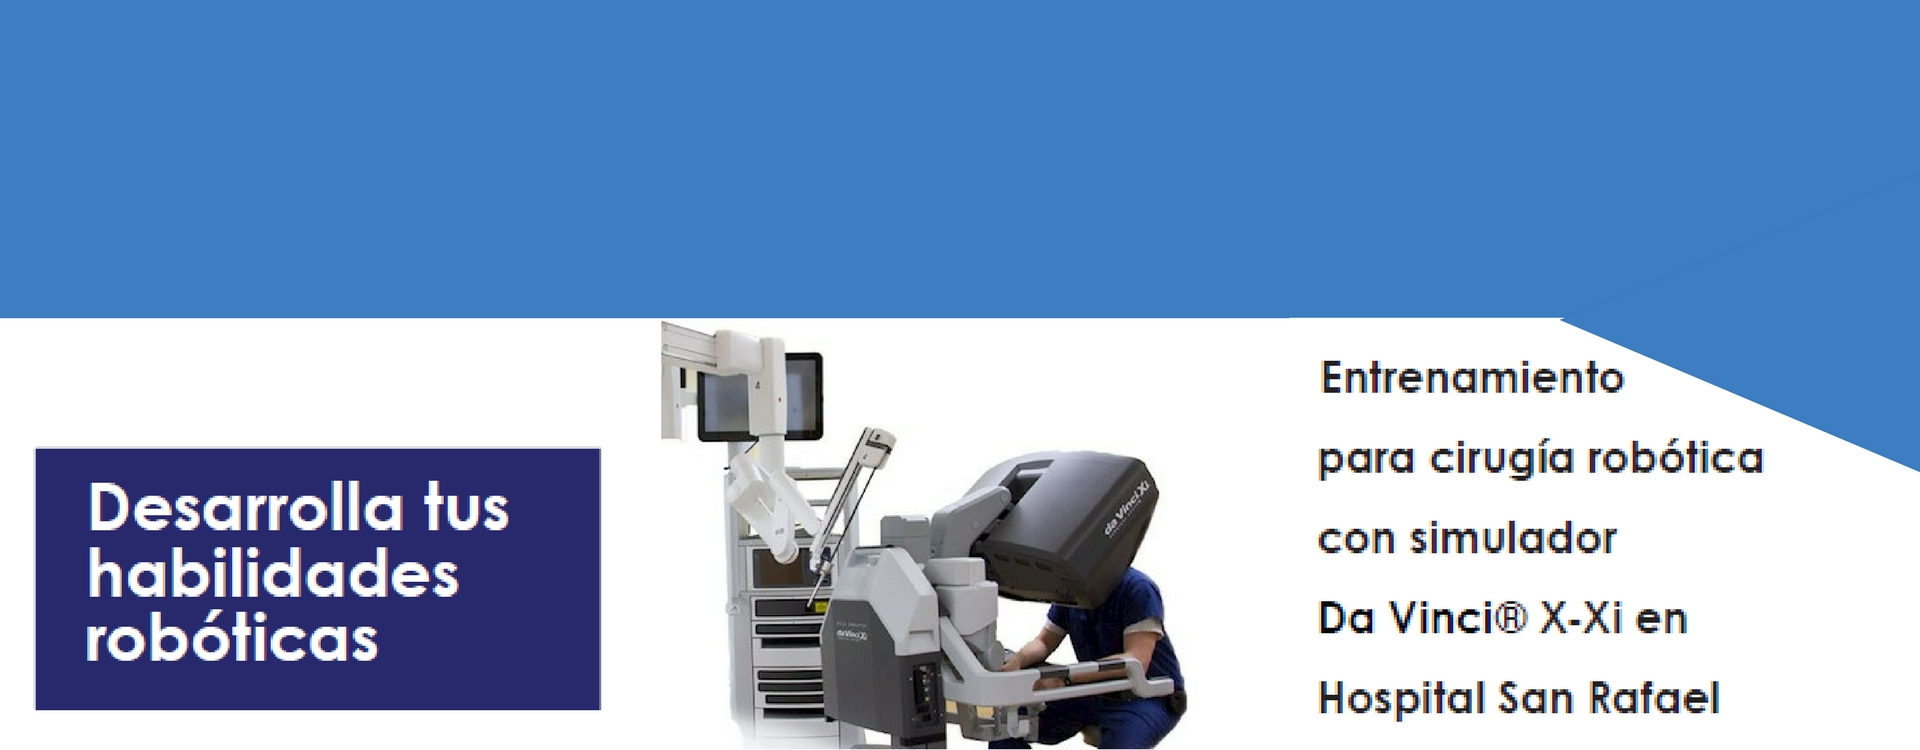 Curso-Cirugía-Robótica